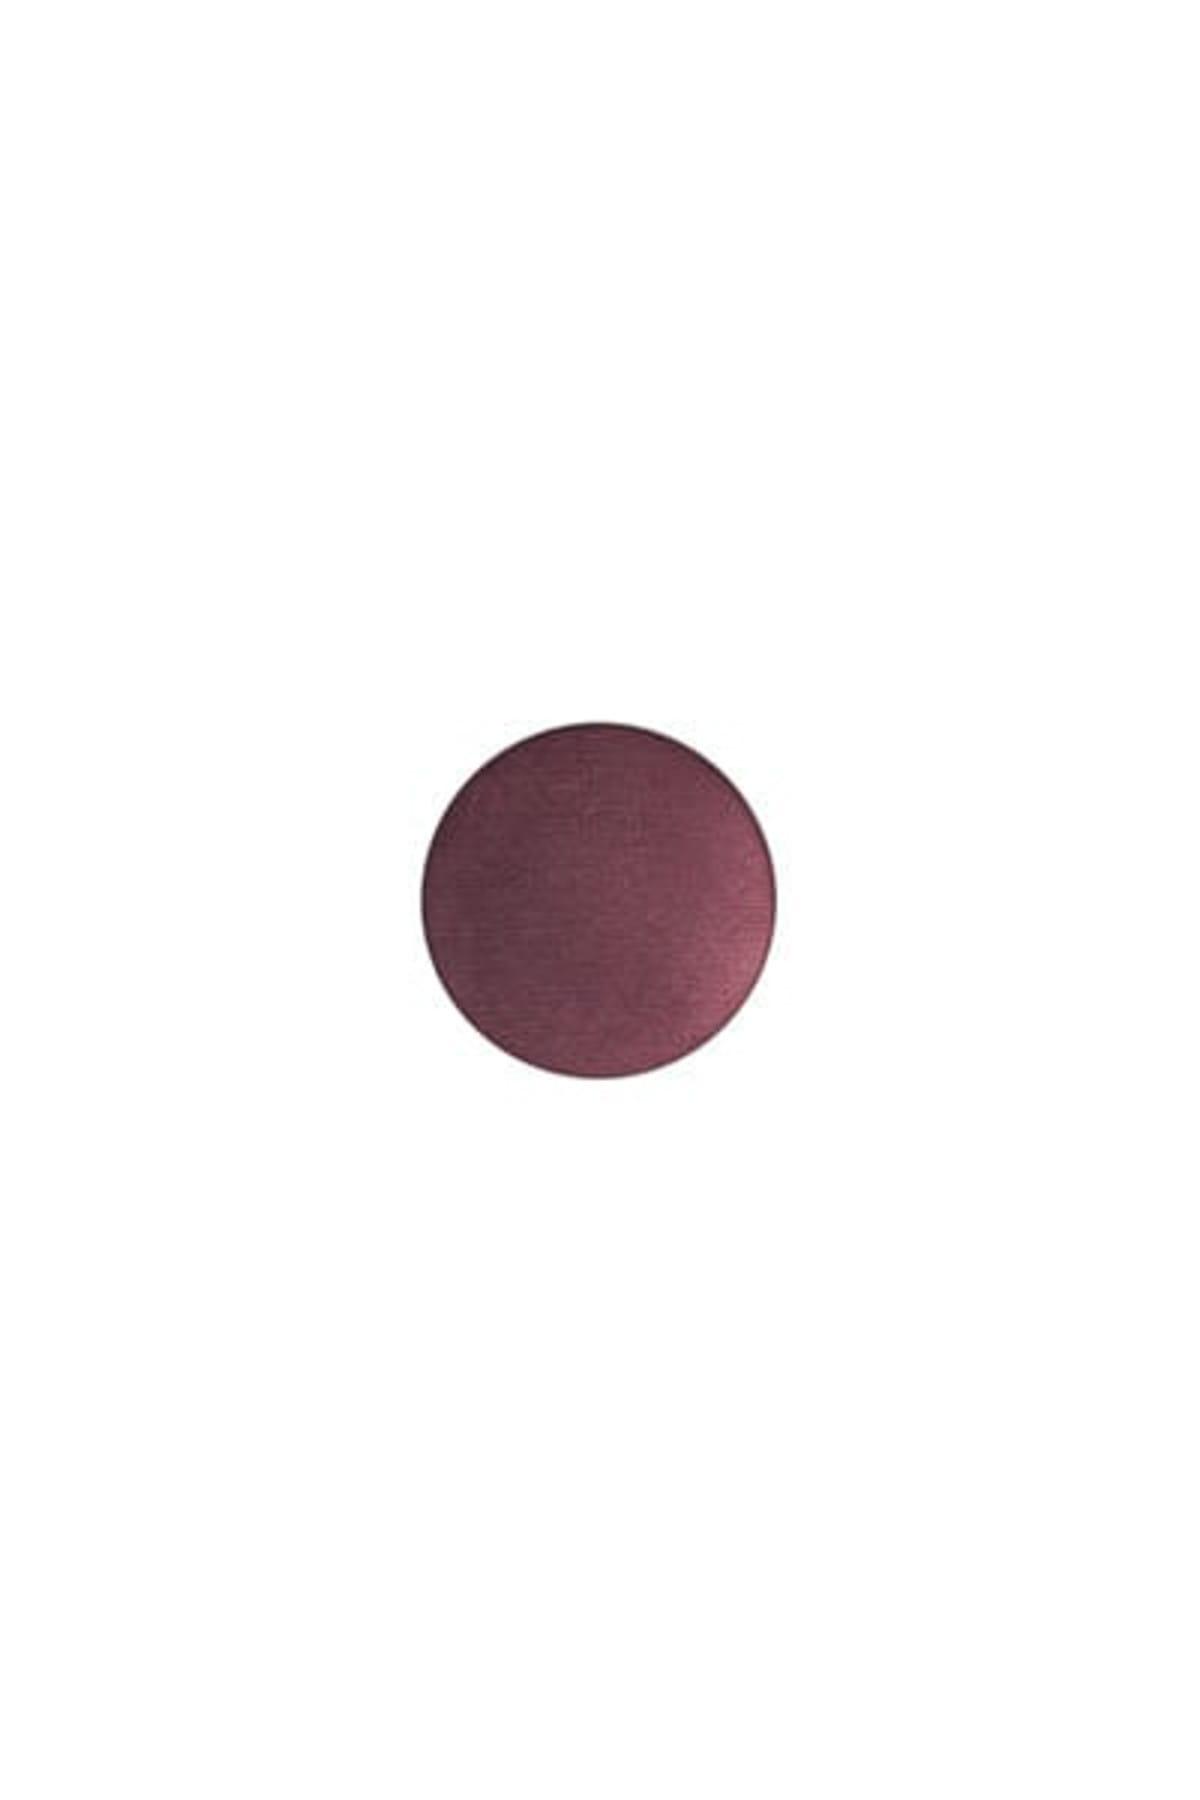 Göz Farı - Refill Far Sketch 1.5 g 773602966301